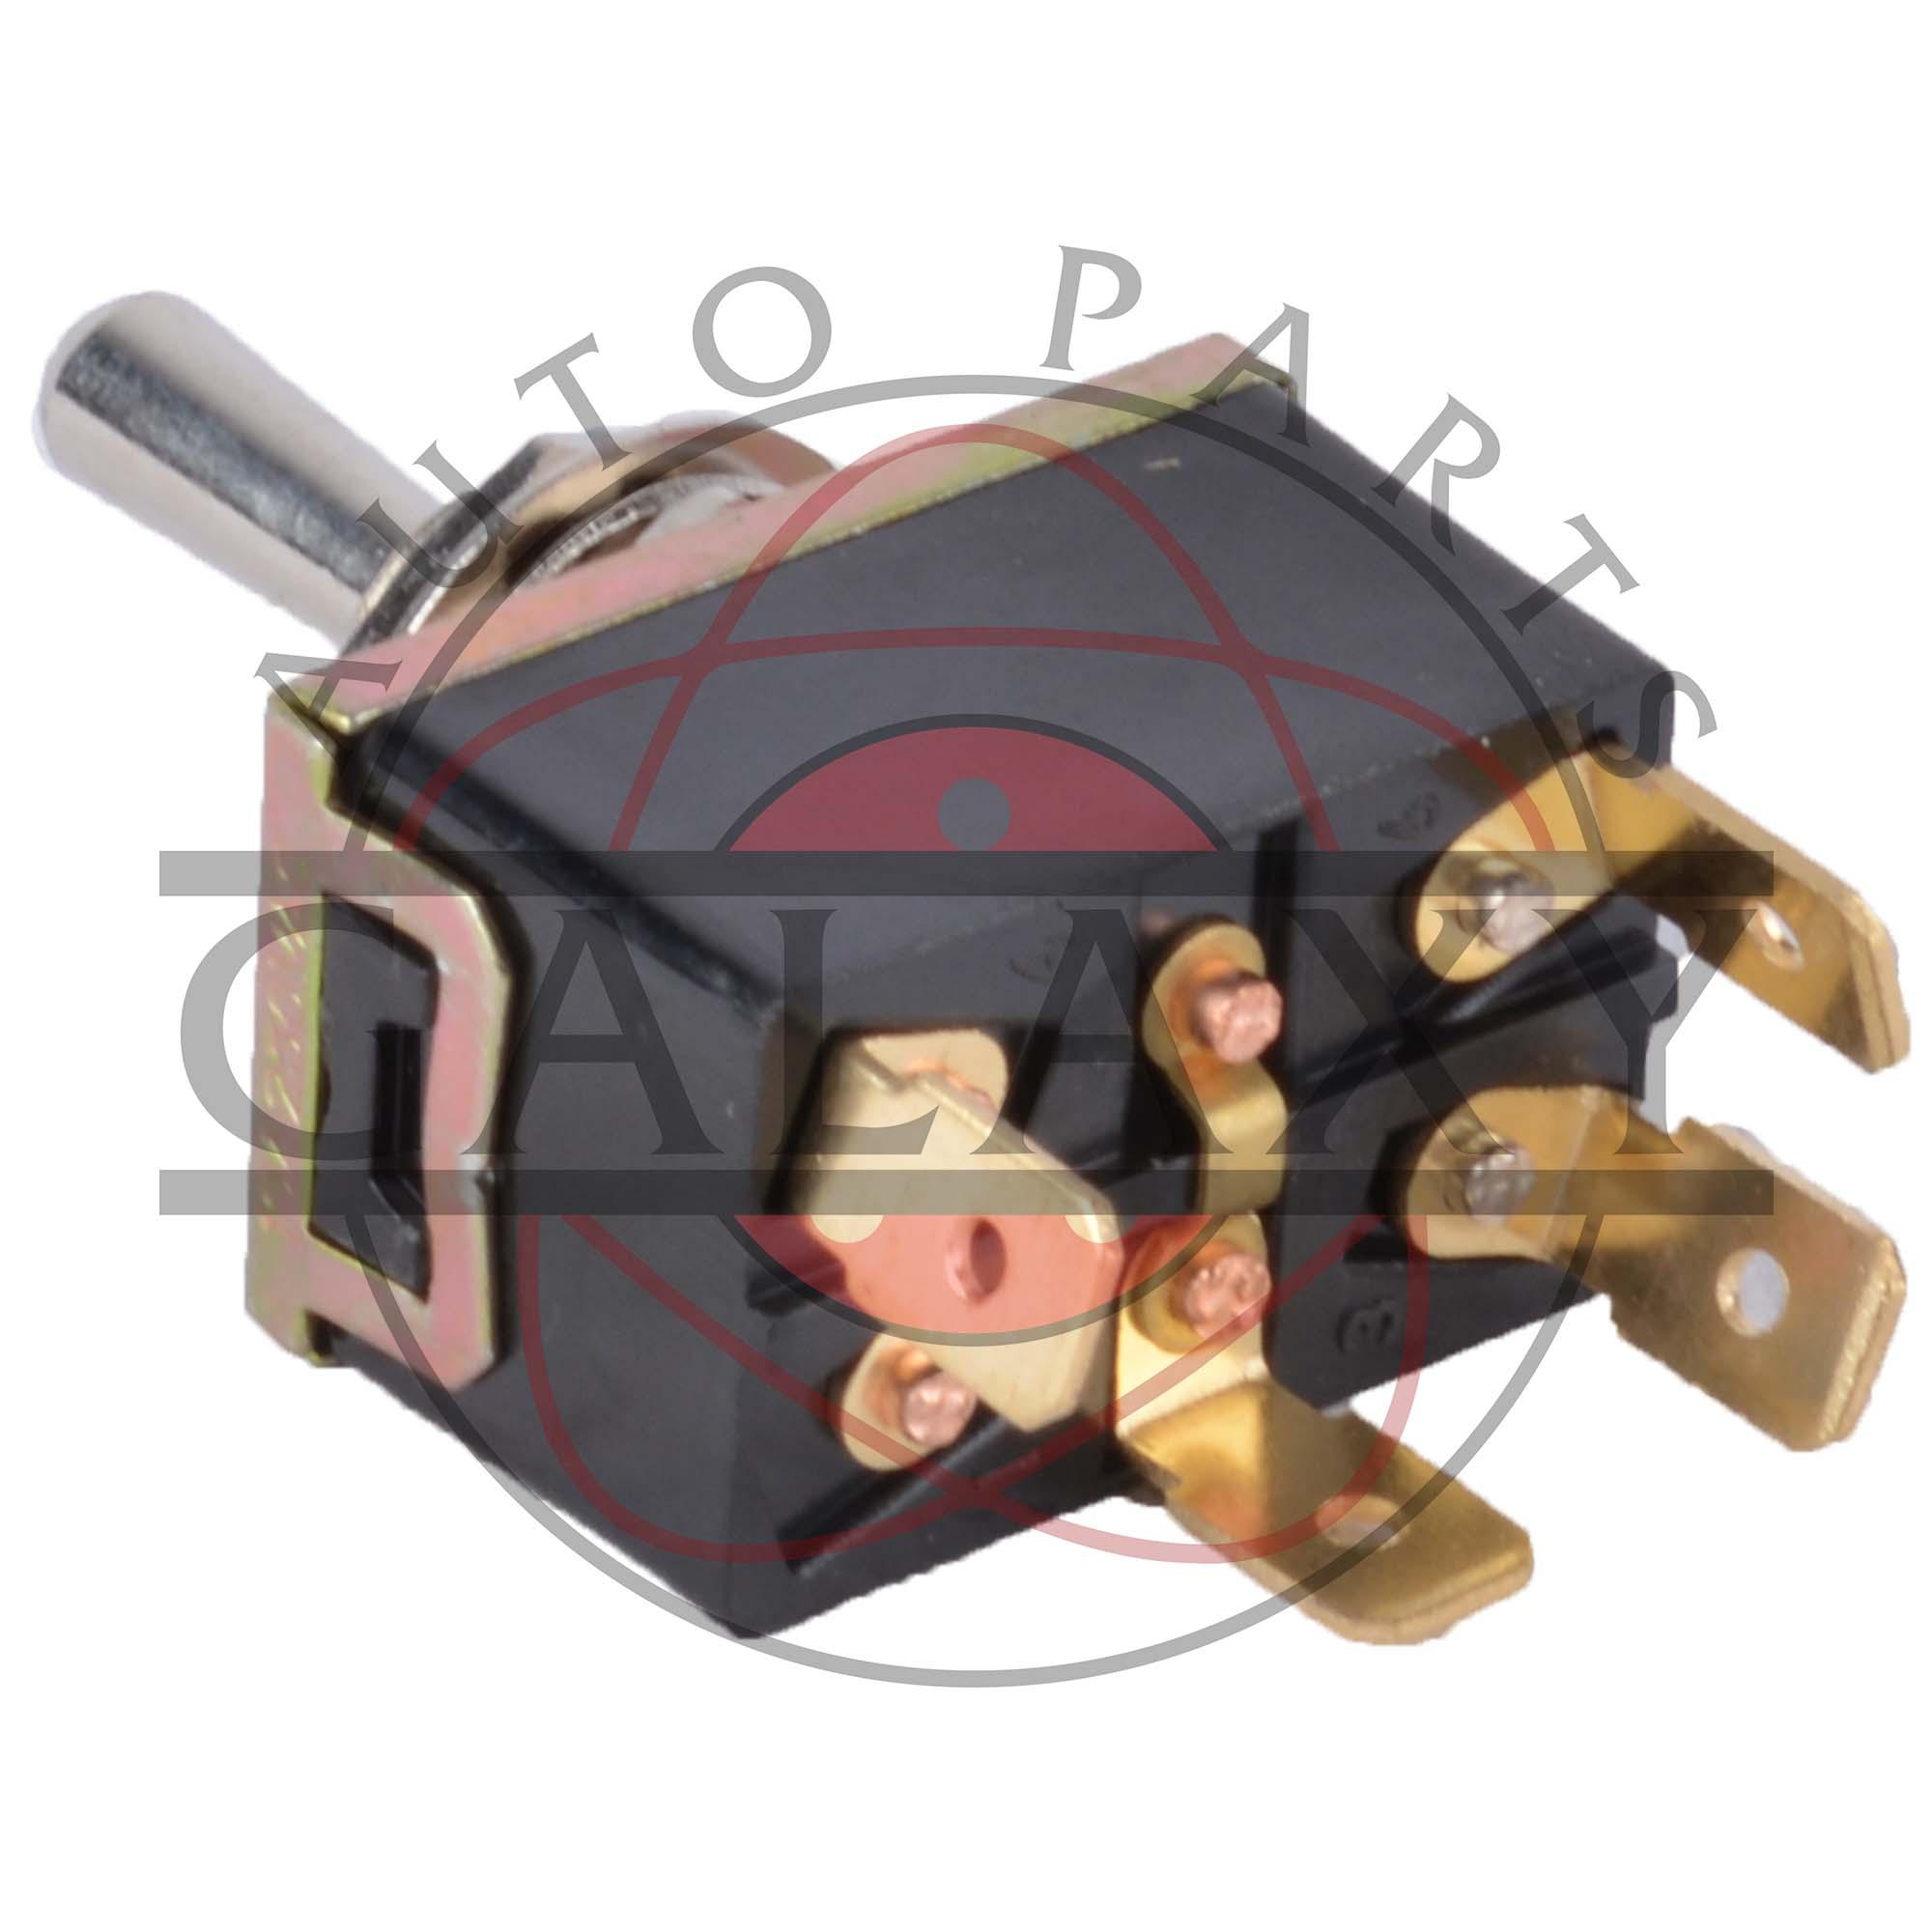 meyer plow pump scuba gear diagram snowplow lift switch for e47 replaces part 21919 ebay